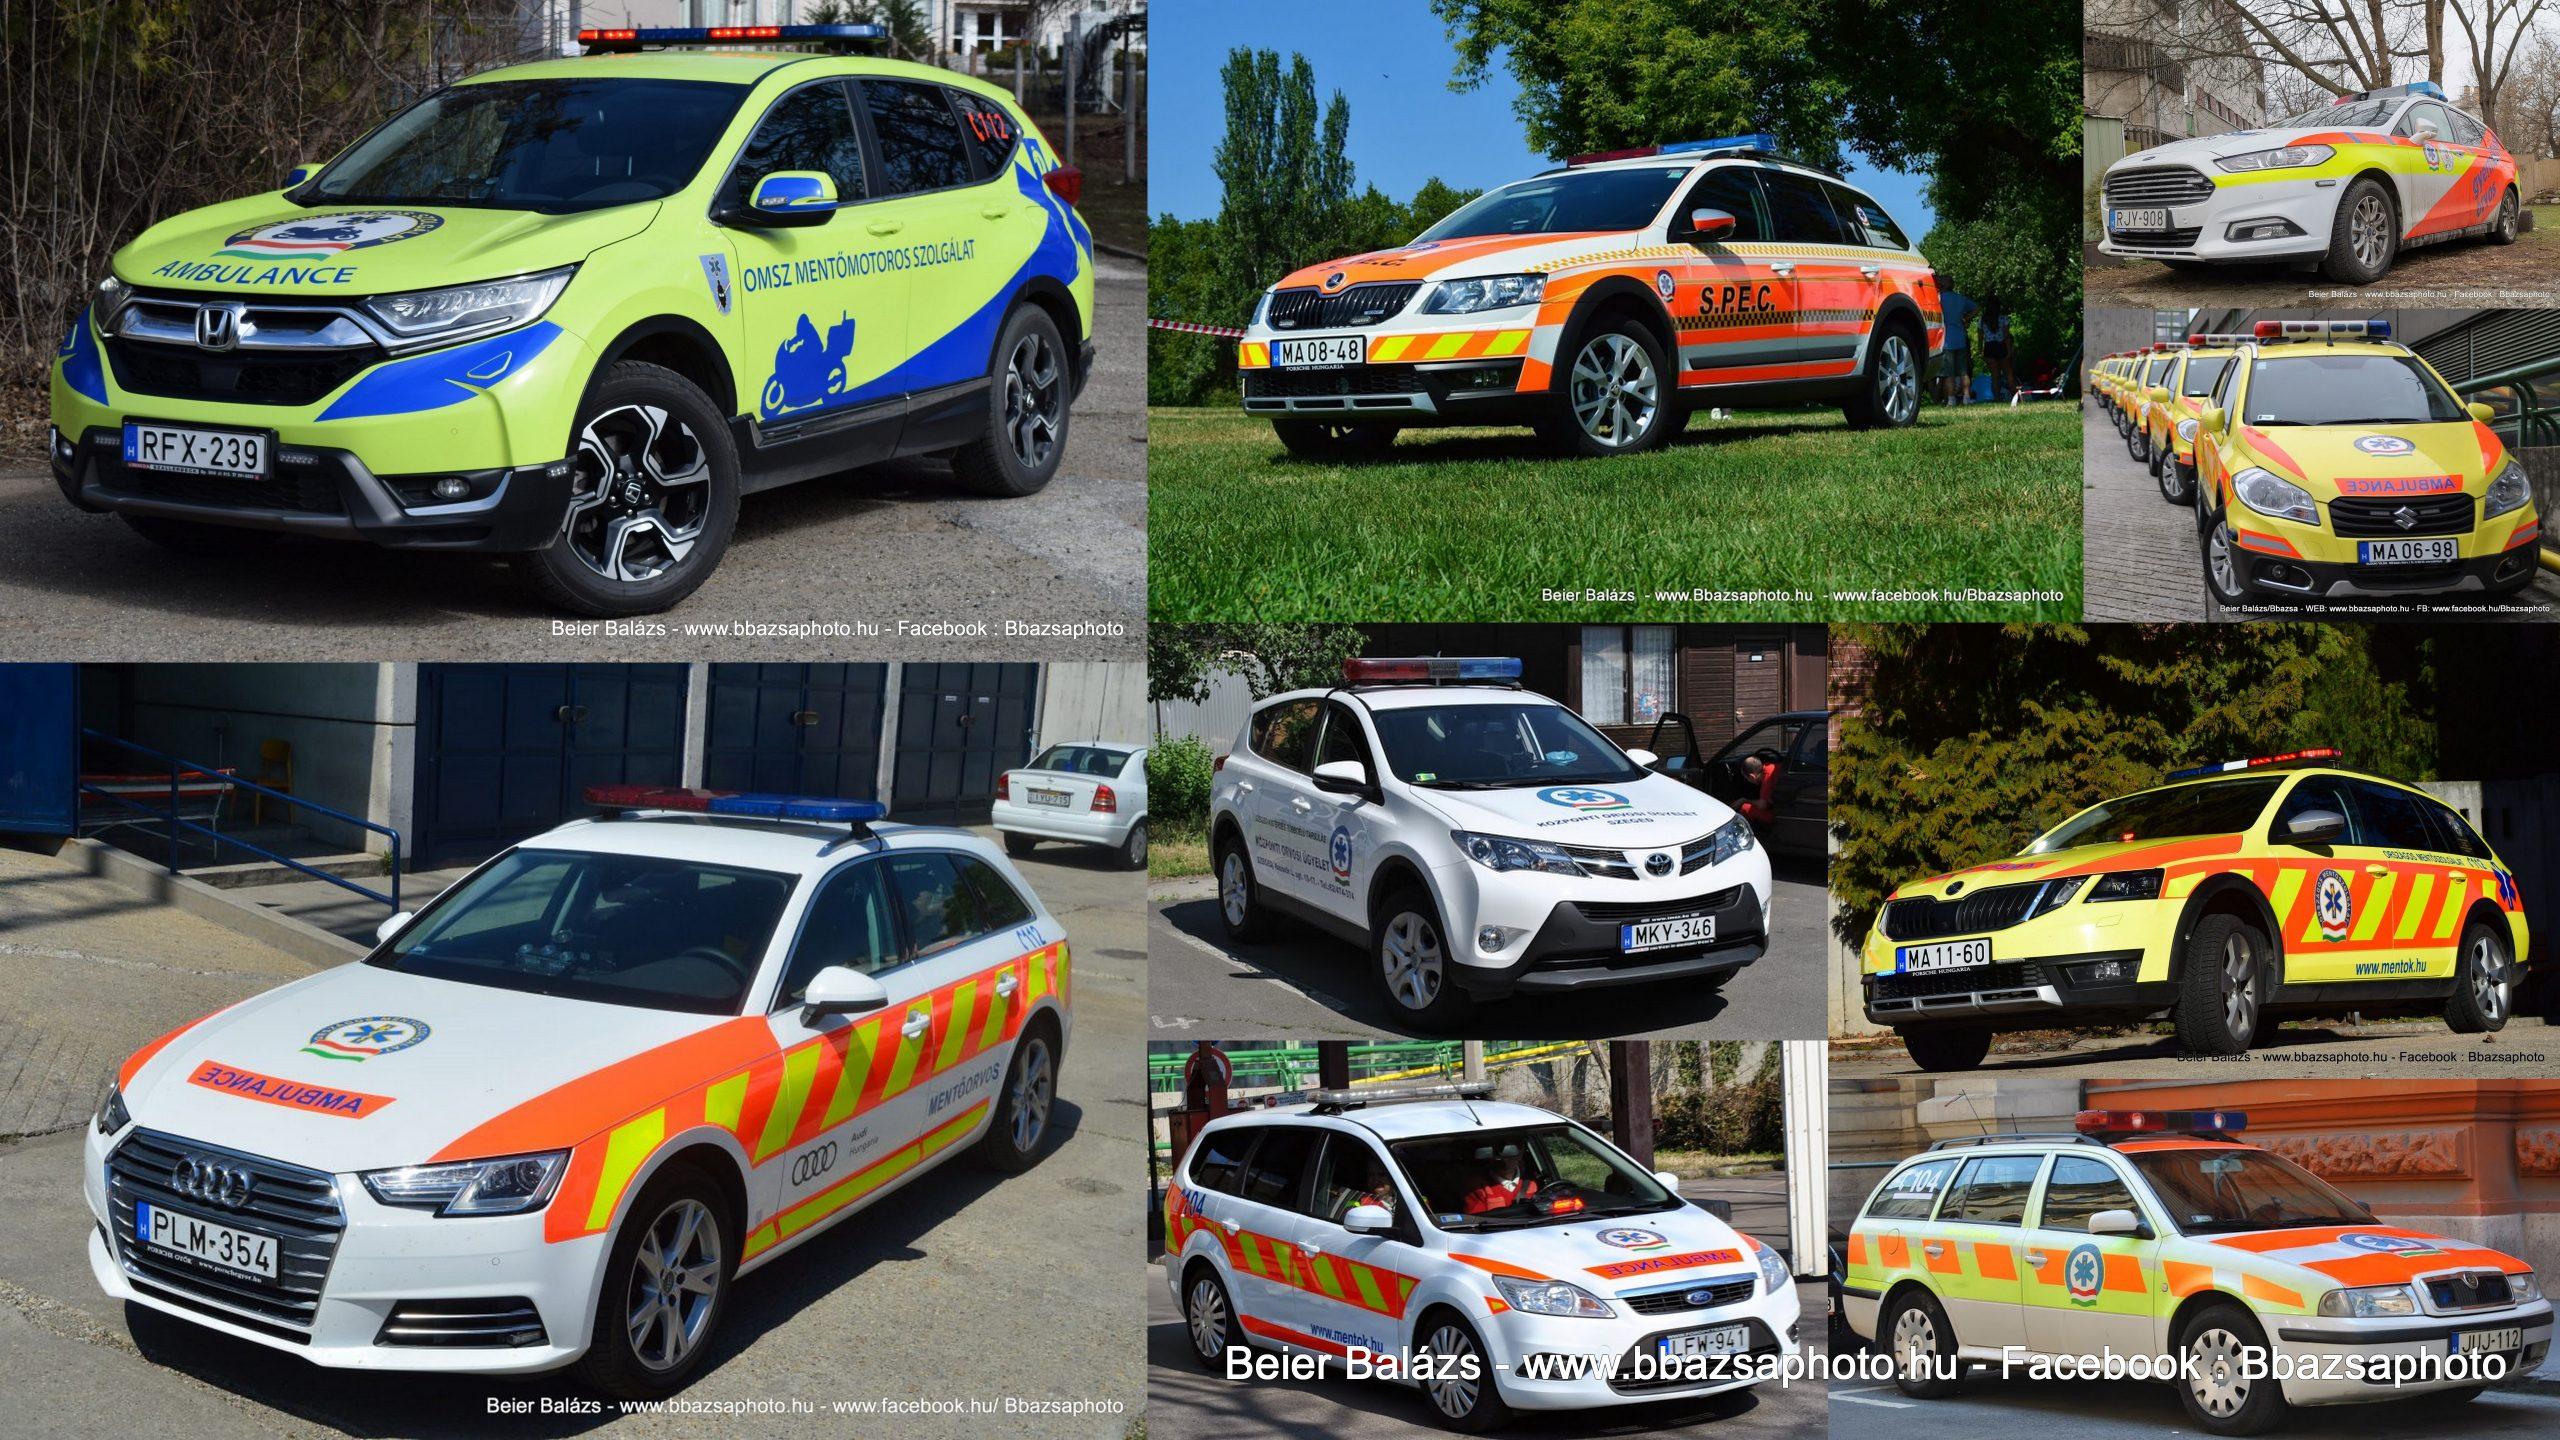 Típus lista – MOK / MTK autók.